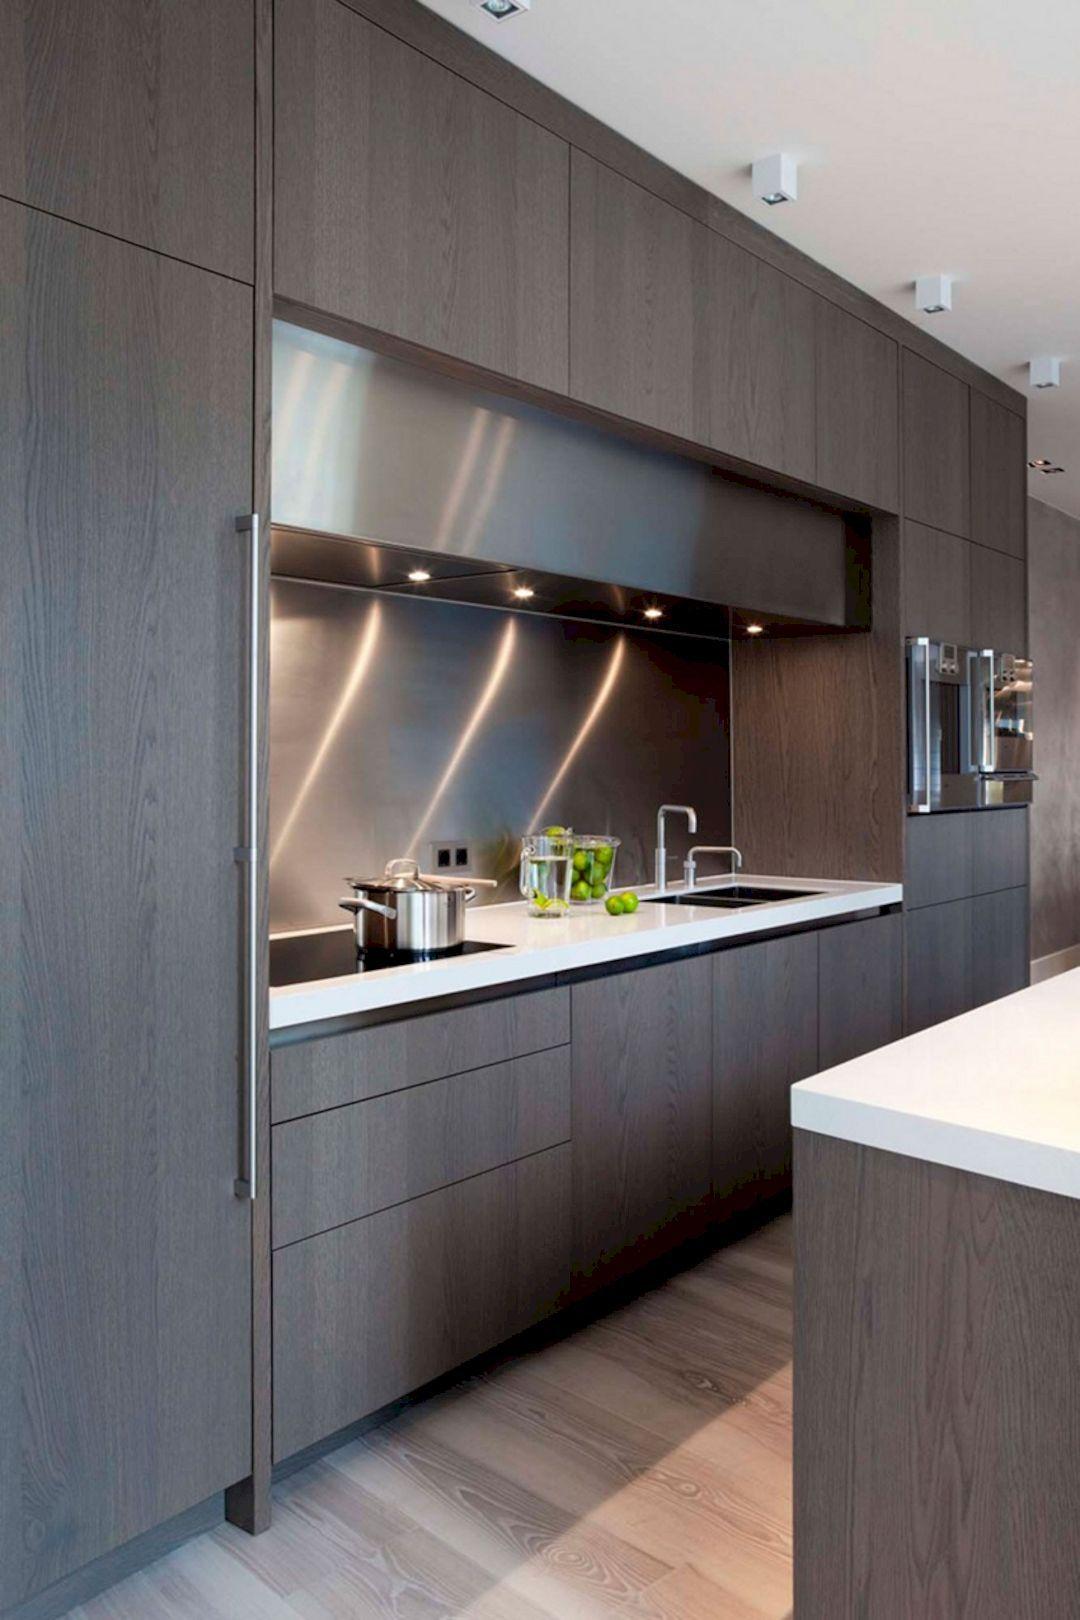 Best Kitchen Gallery: Stylish Modern Kitchen Cabi 127 Design Ideas Modern Kitchen of Kitchen Kitchen Cabinets on rachelxblog.com